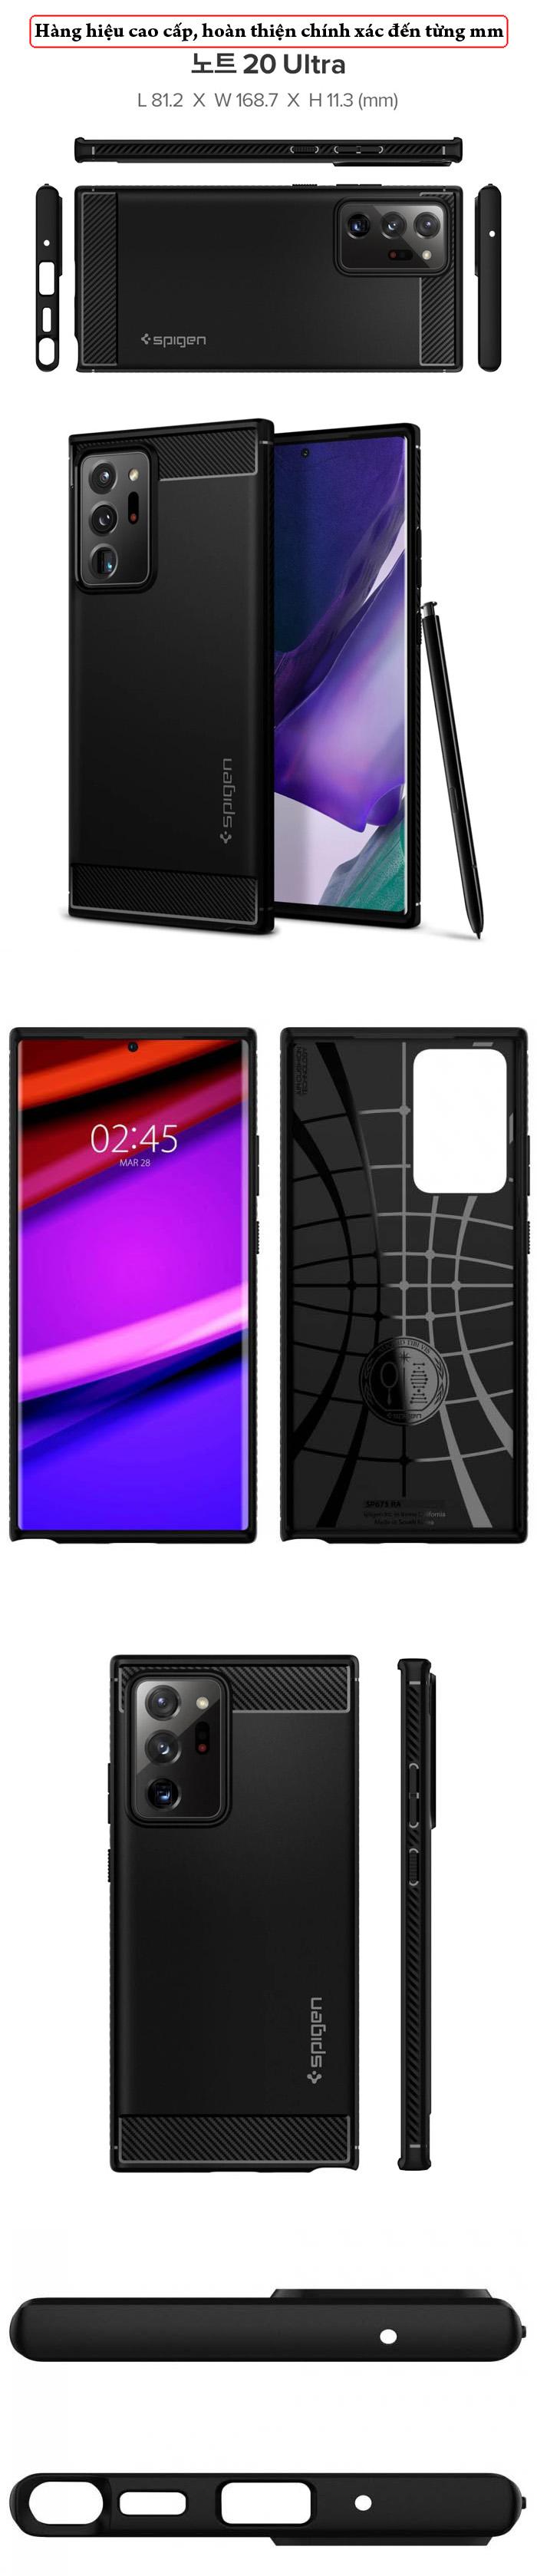 Ốp lưng Galaxy Note 20 Ultra / 5G Spigen Rugged Armor ( Hàng Mỹ ) 8